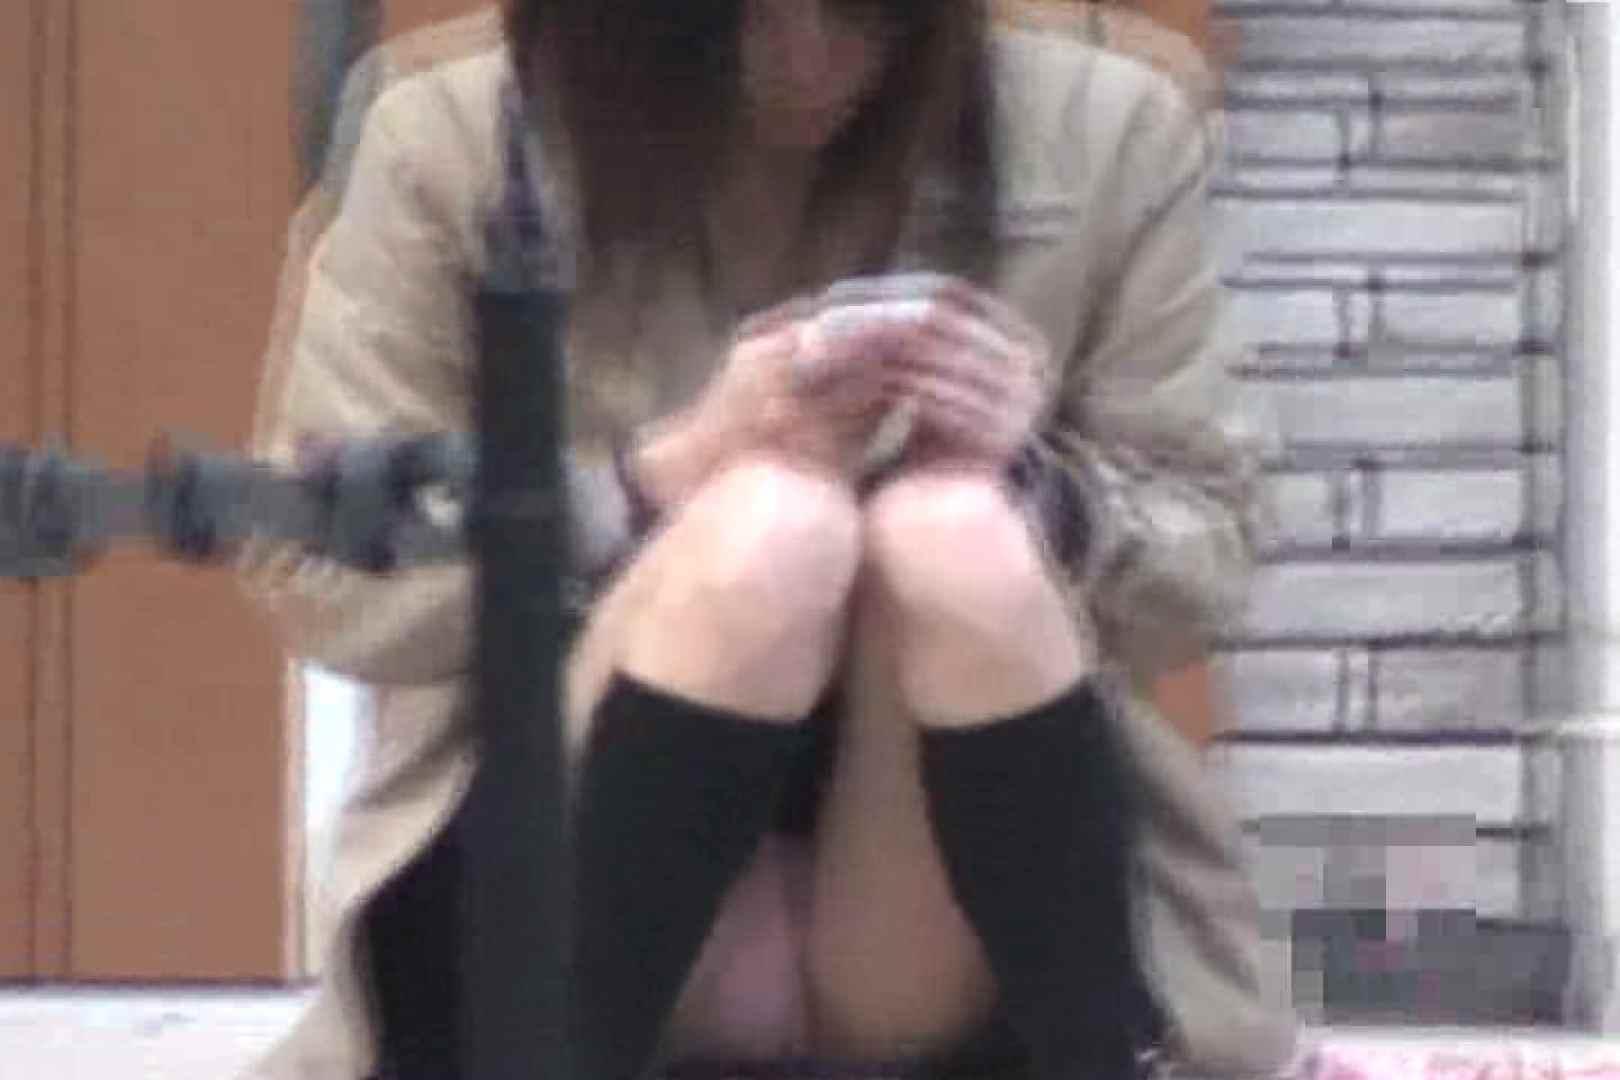 マンチラインパクトVol.2 チラ ワレメ動画紹介 41連発 9